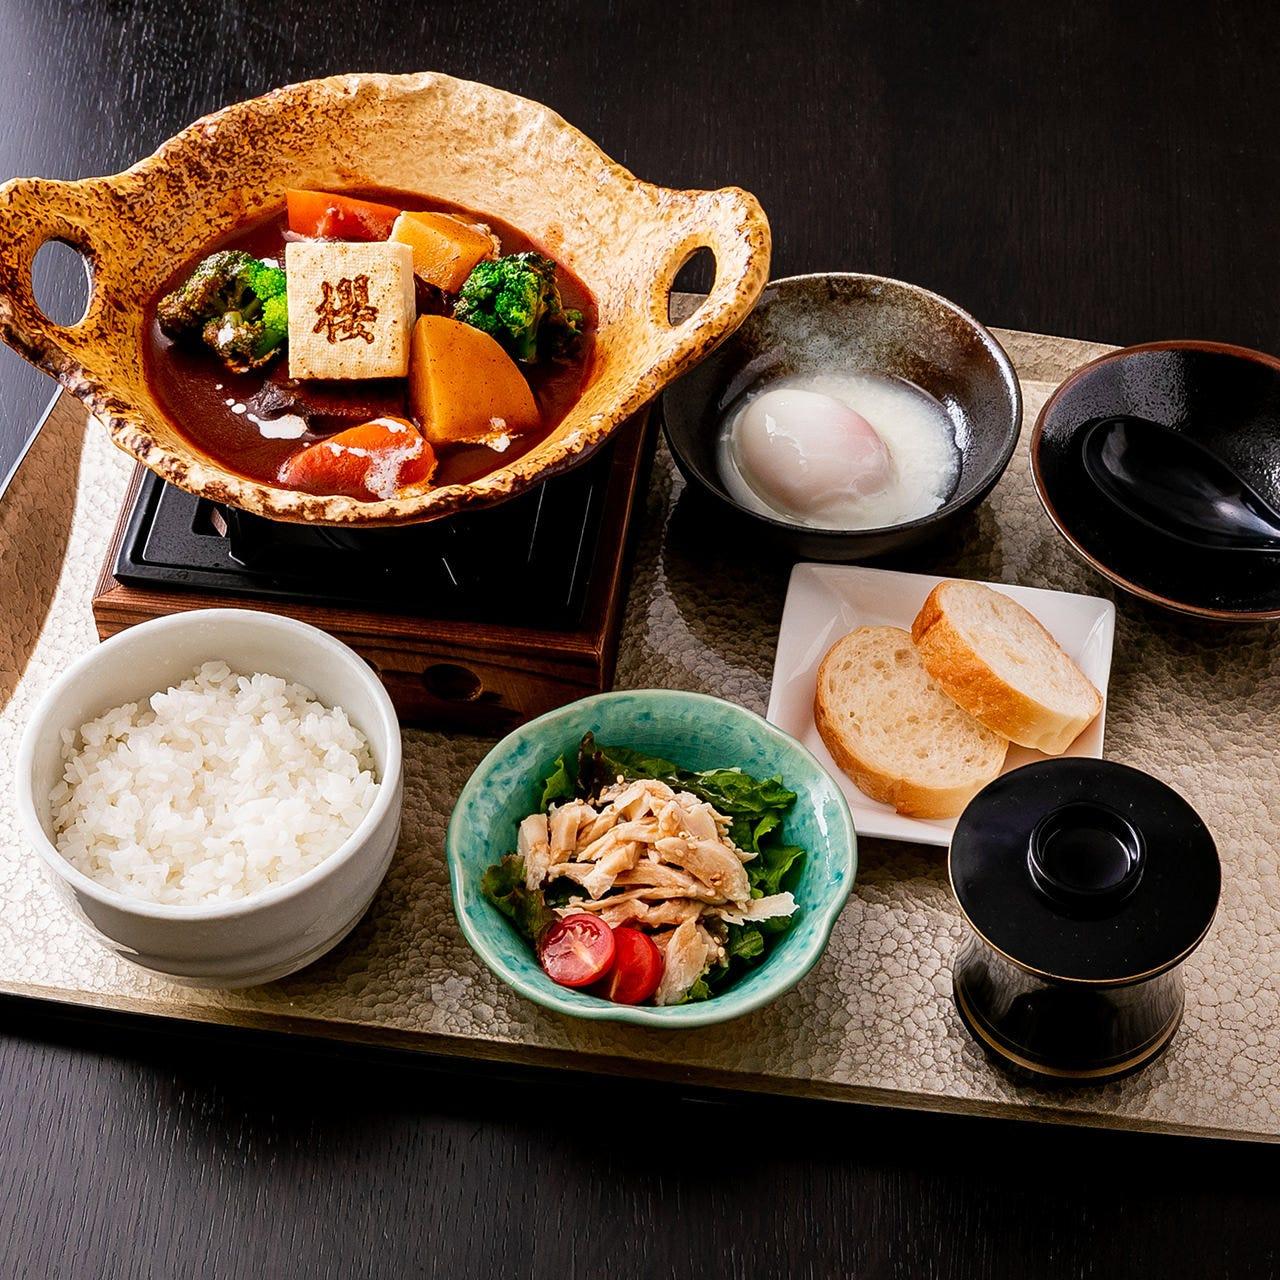 櫻の贅沢お食事メニュー(ランチあり)